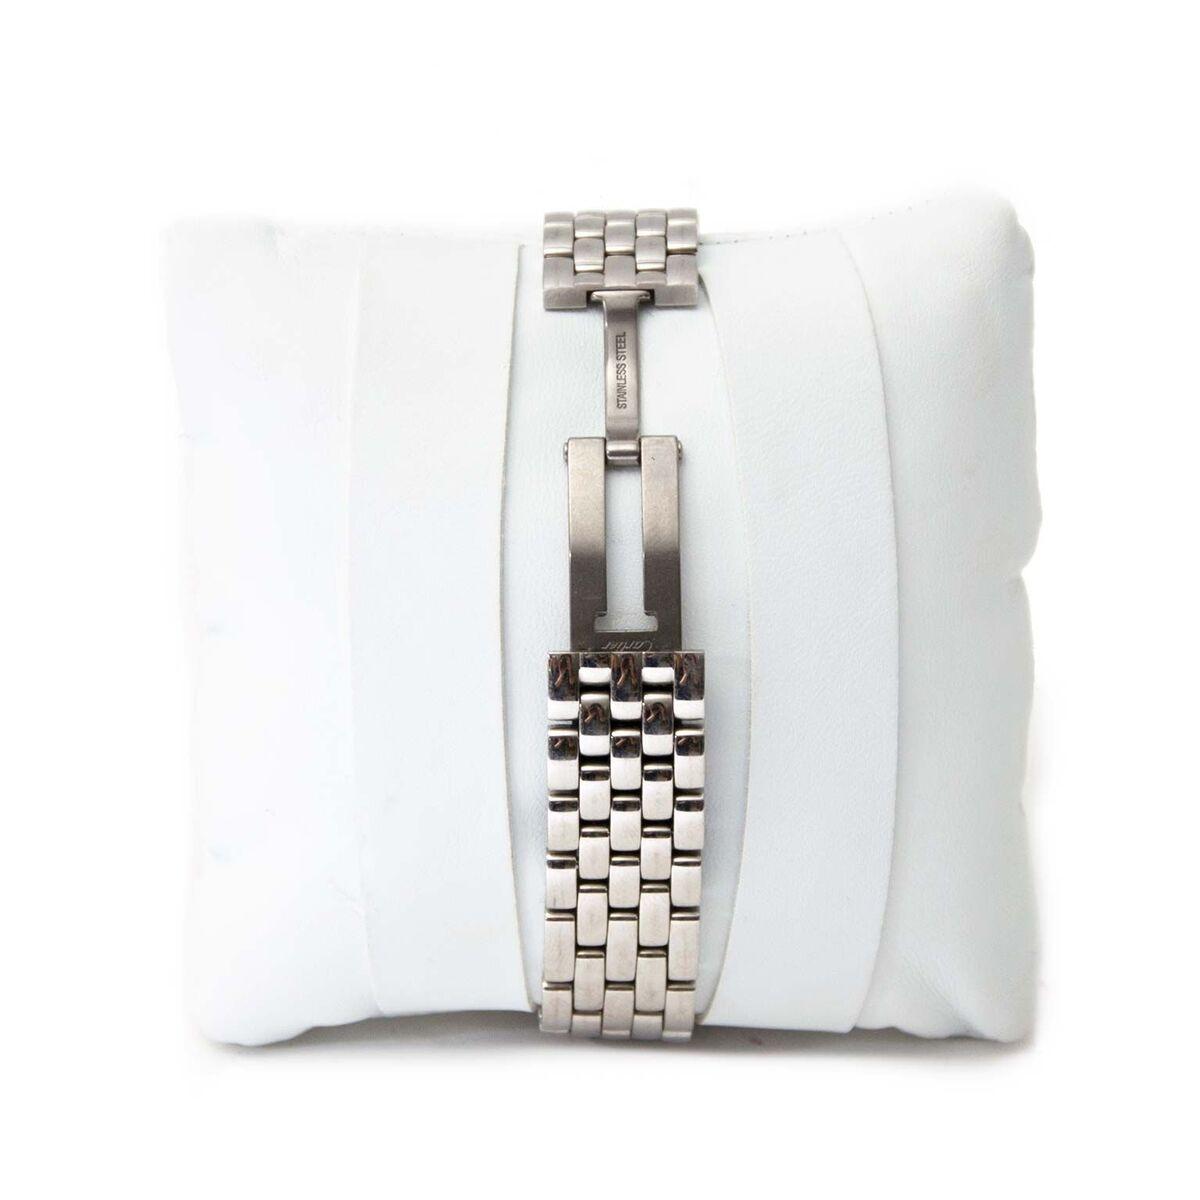 Achetez un authentique Louis Vuitton en monogramme azur pochette pour le bon prix chez LabelLOV.